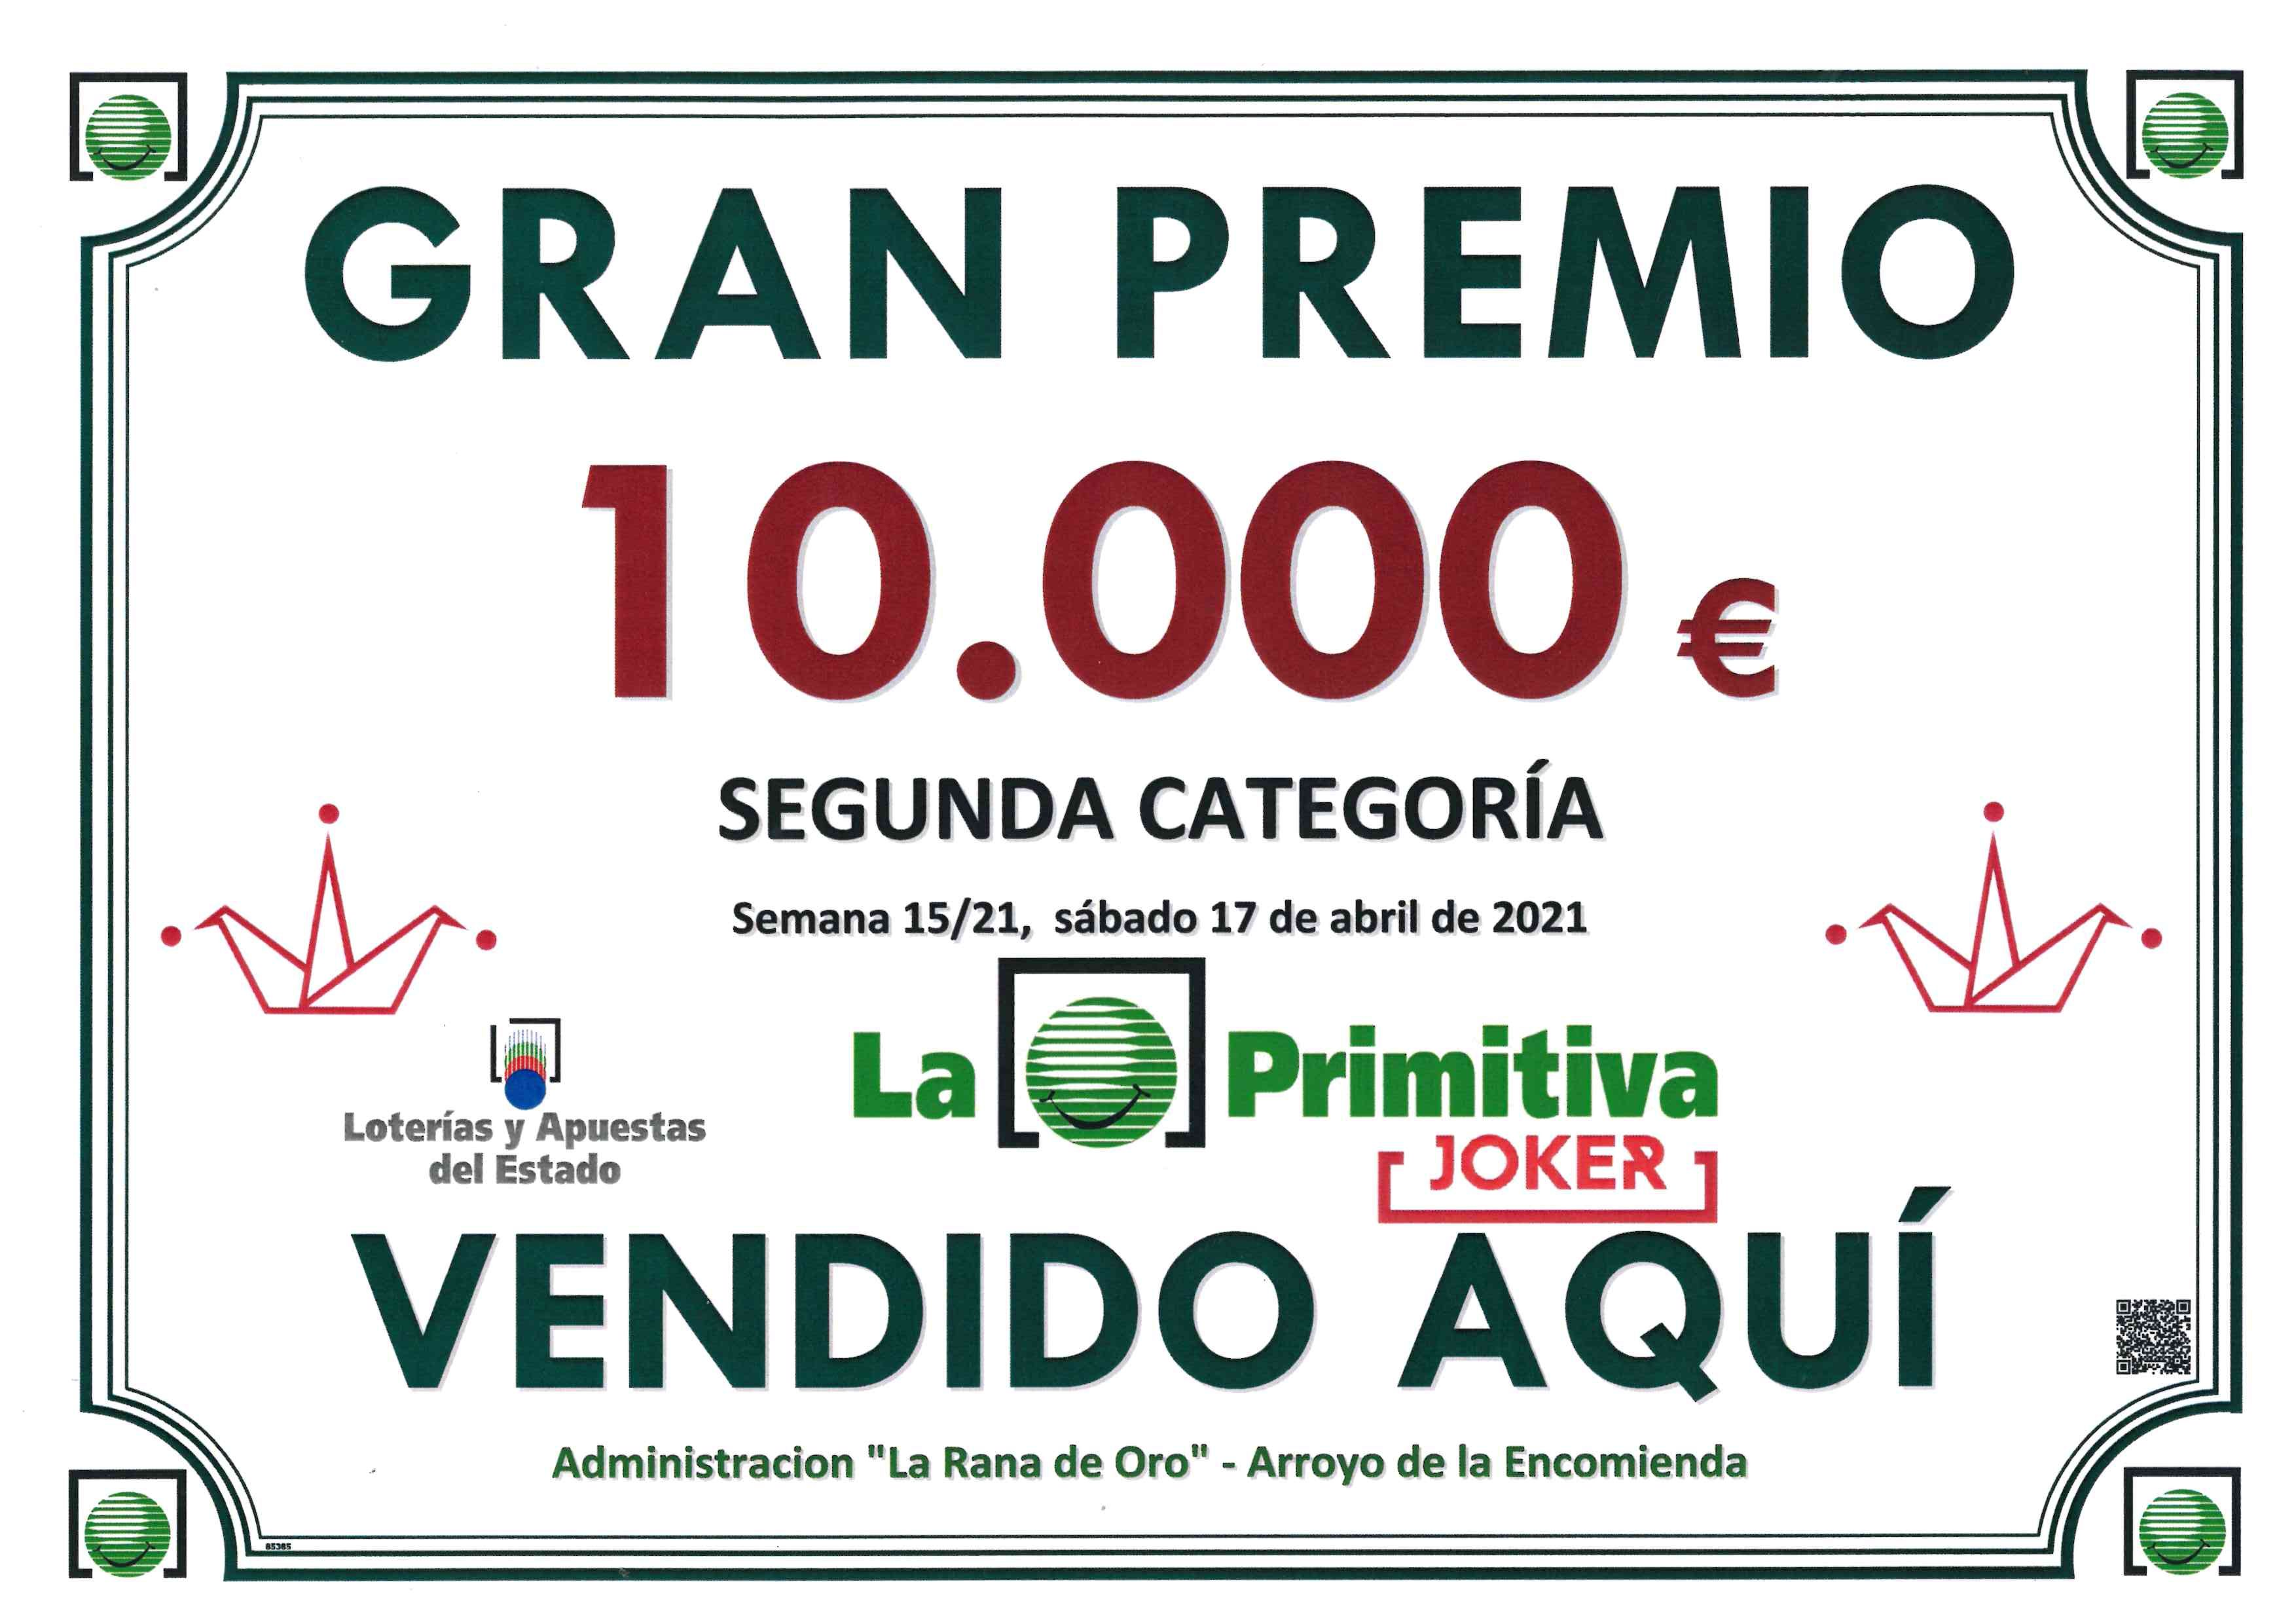 Premio de 10.000€ del Jocker de La Primitiva vendido en La Rana de Oro